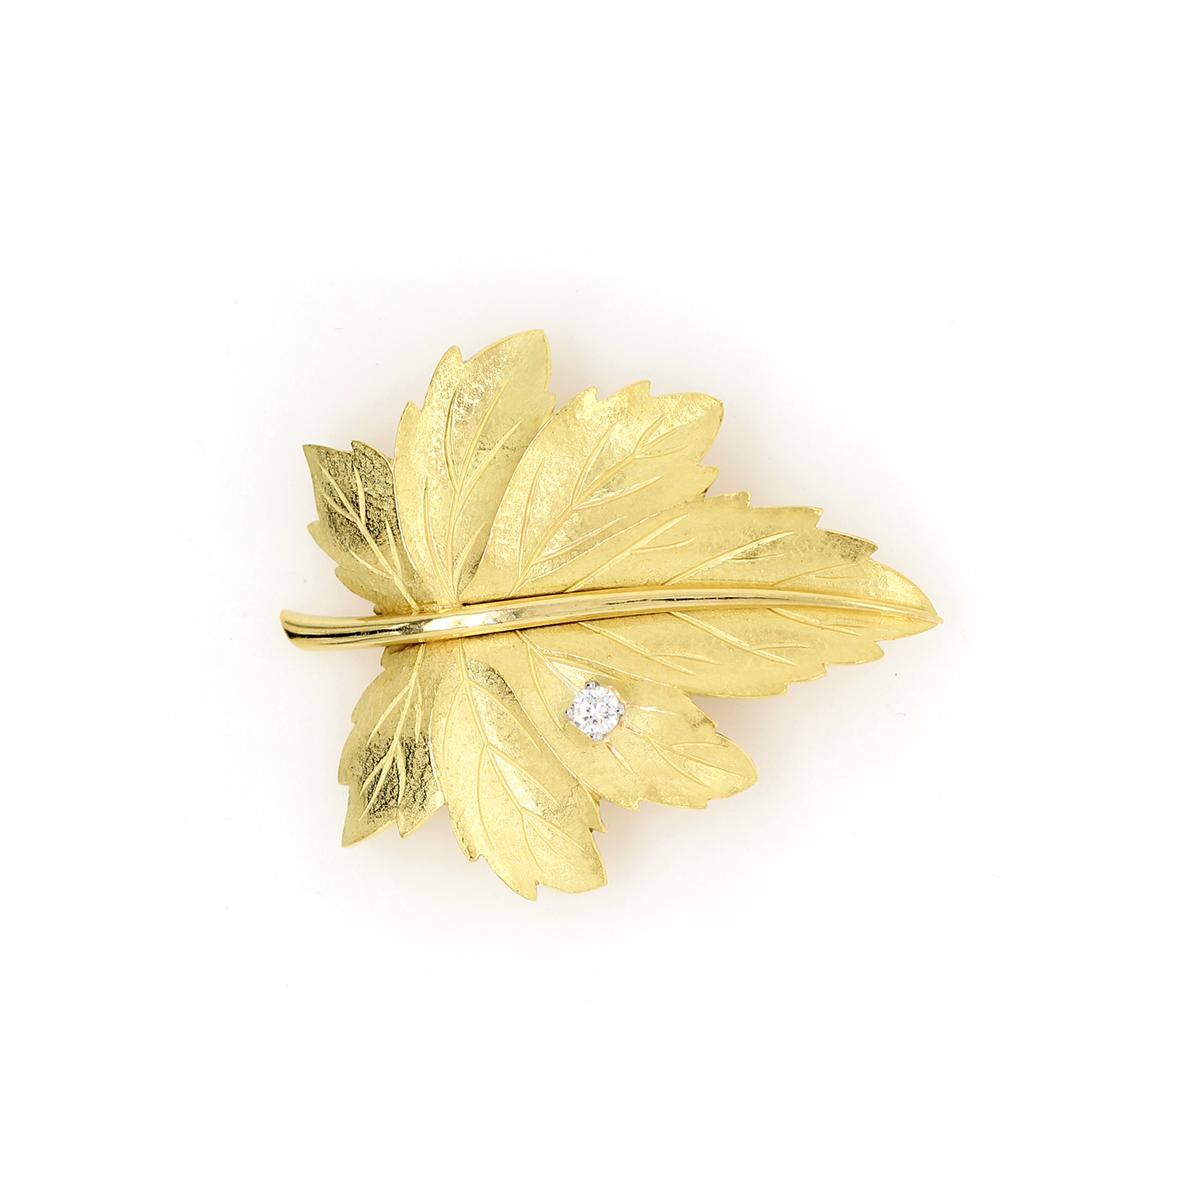 Vintage 18 Karat Yellow Gold Tiffany & Co Leaf Brooch